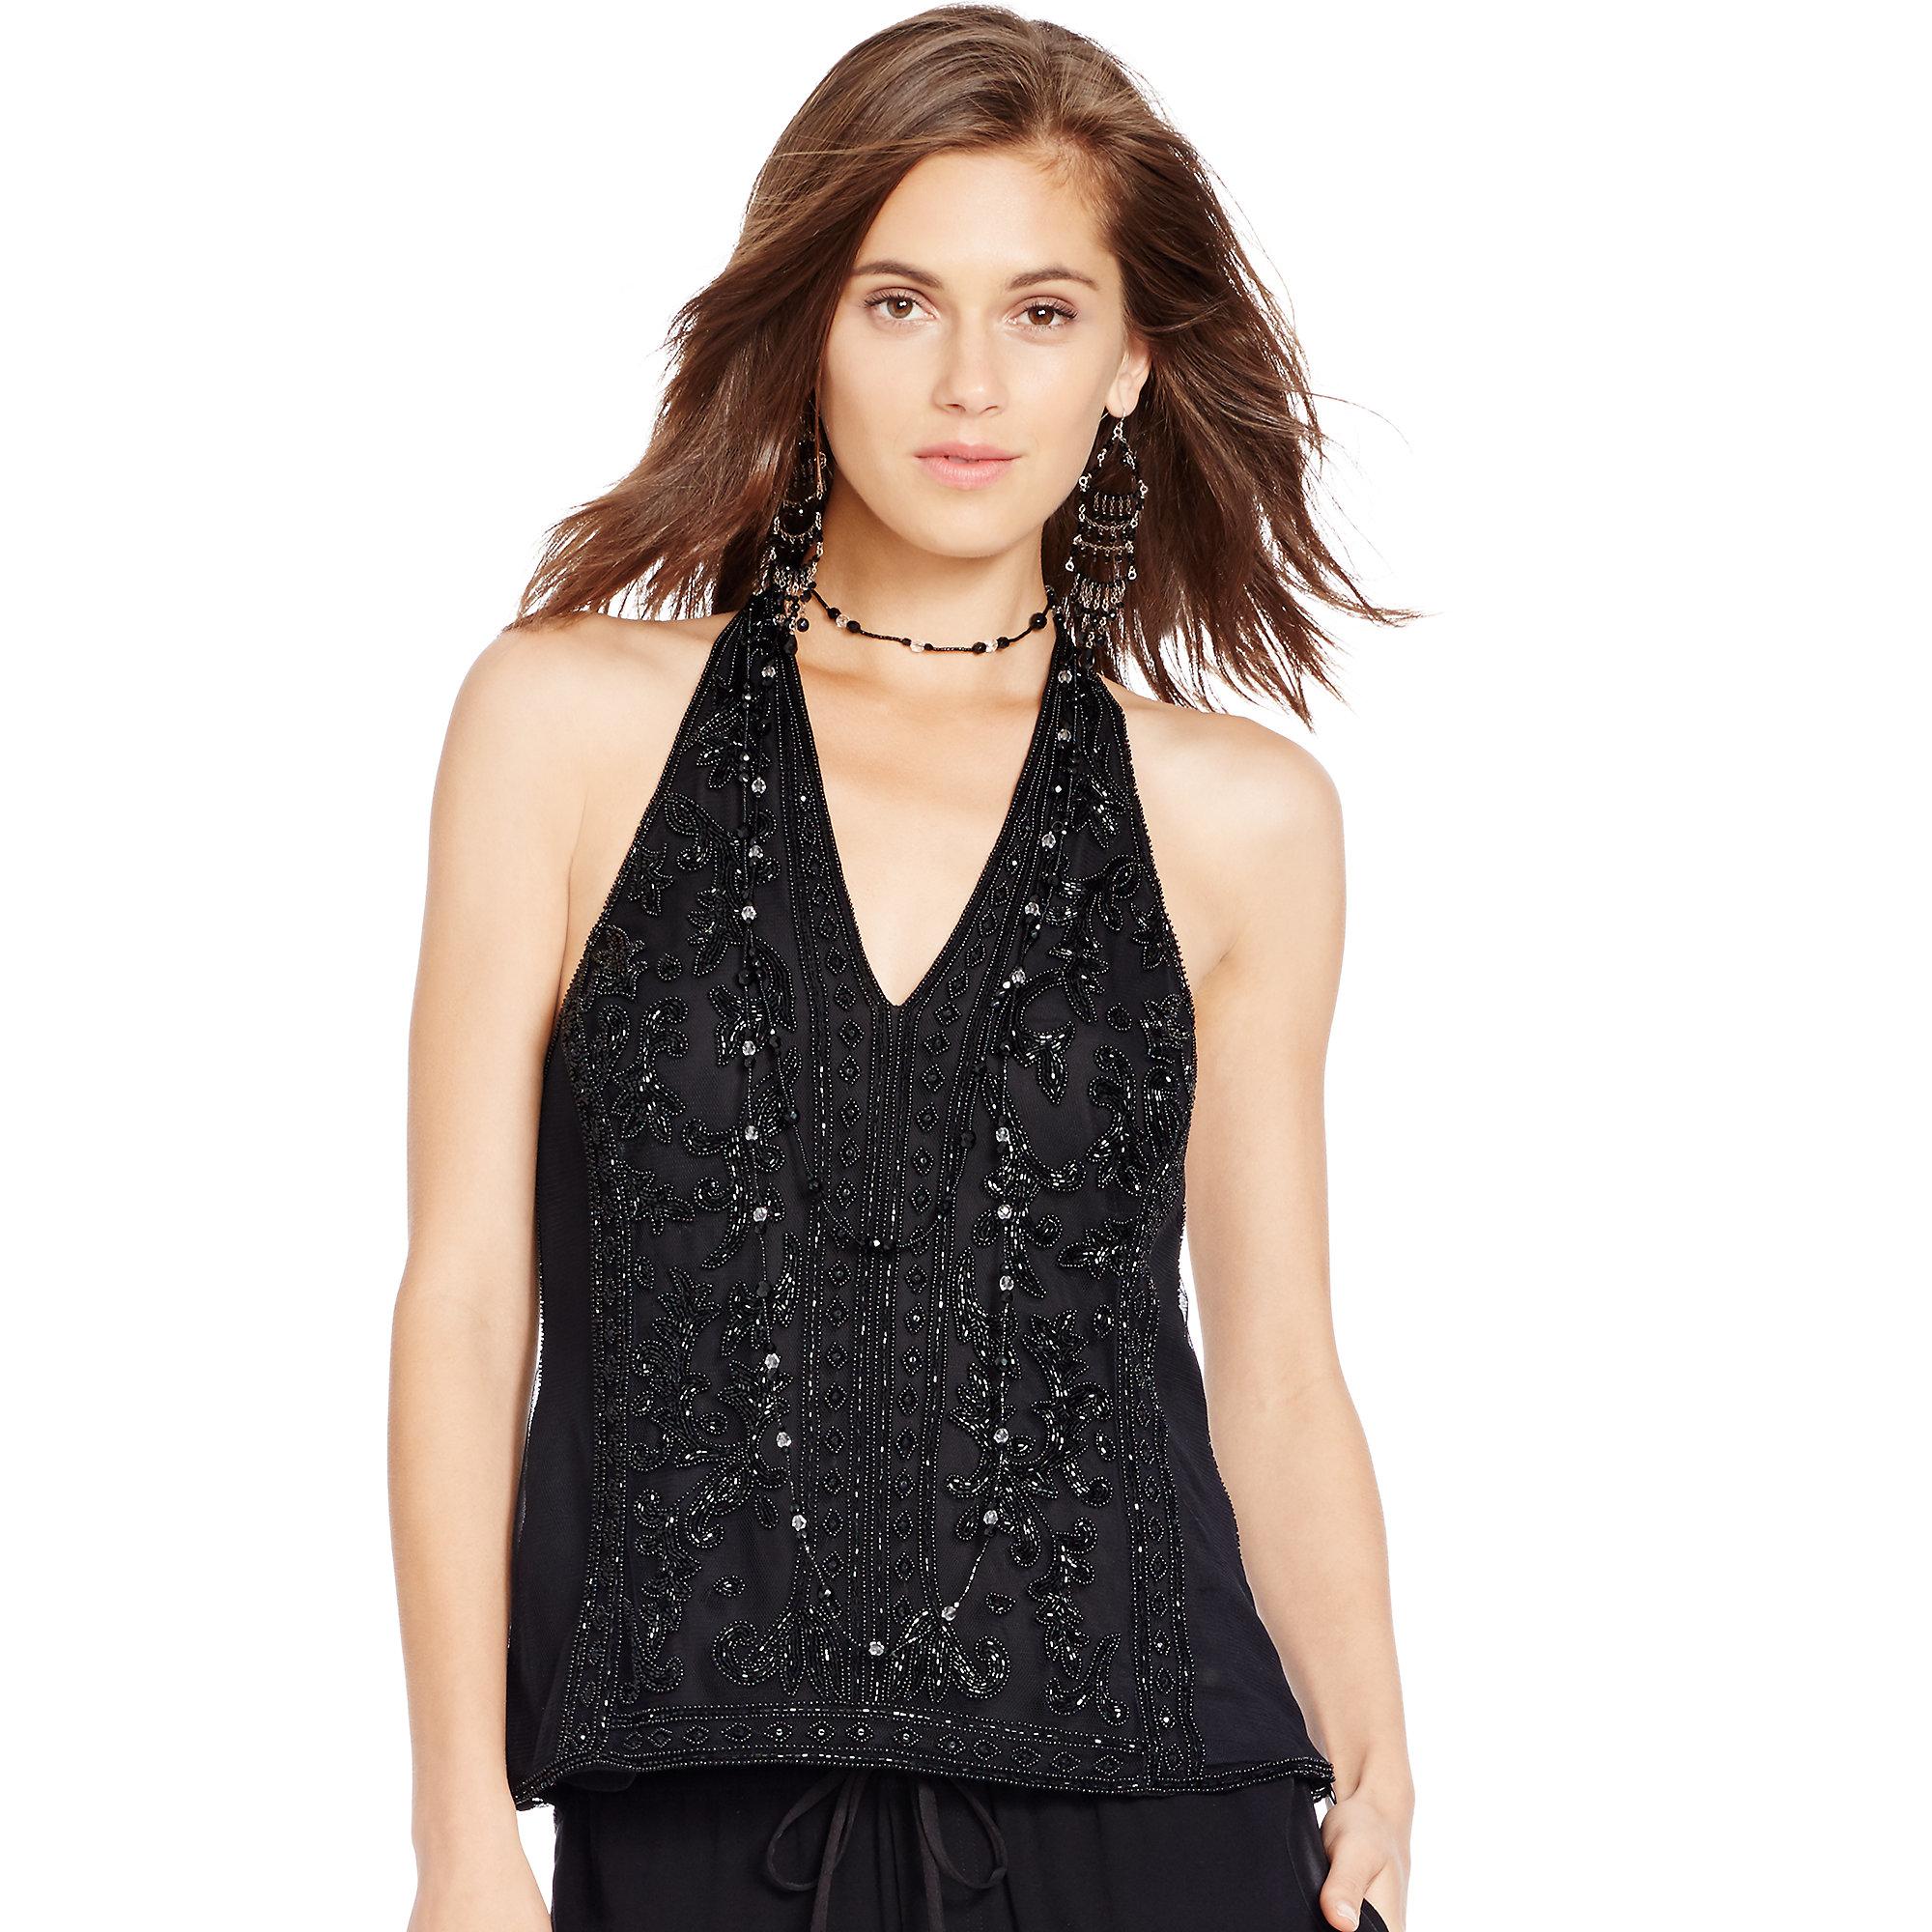 6a84d900735de5 ralph lauren tank tops for women ralph lauren womens clothing sales ...